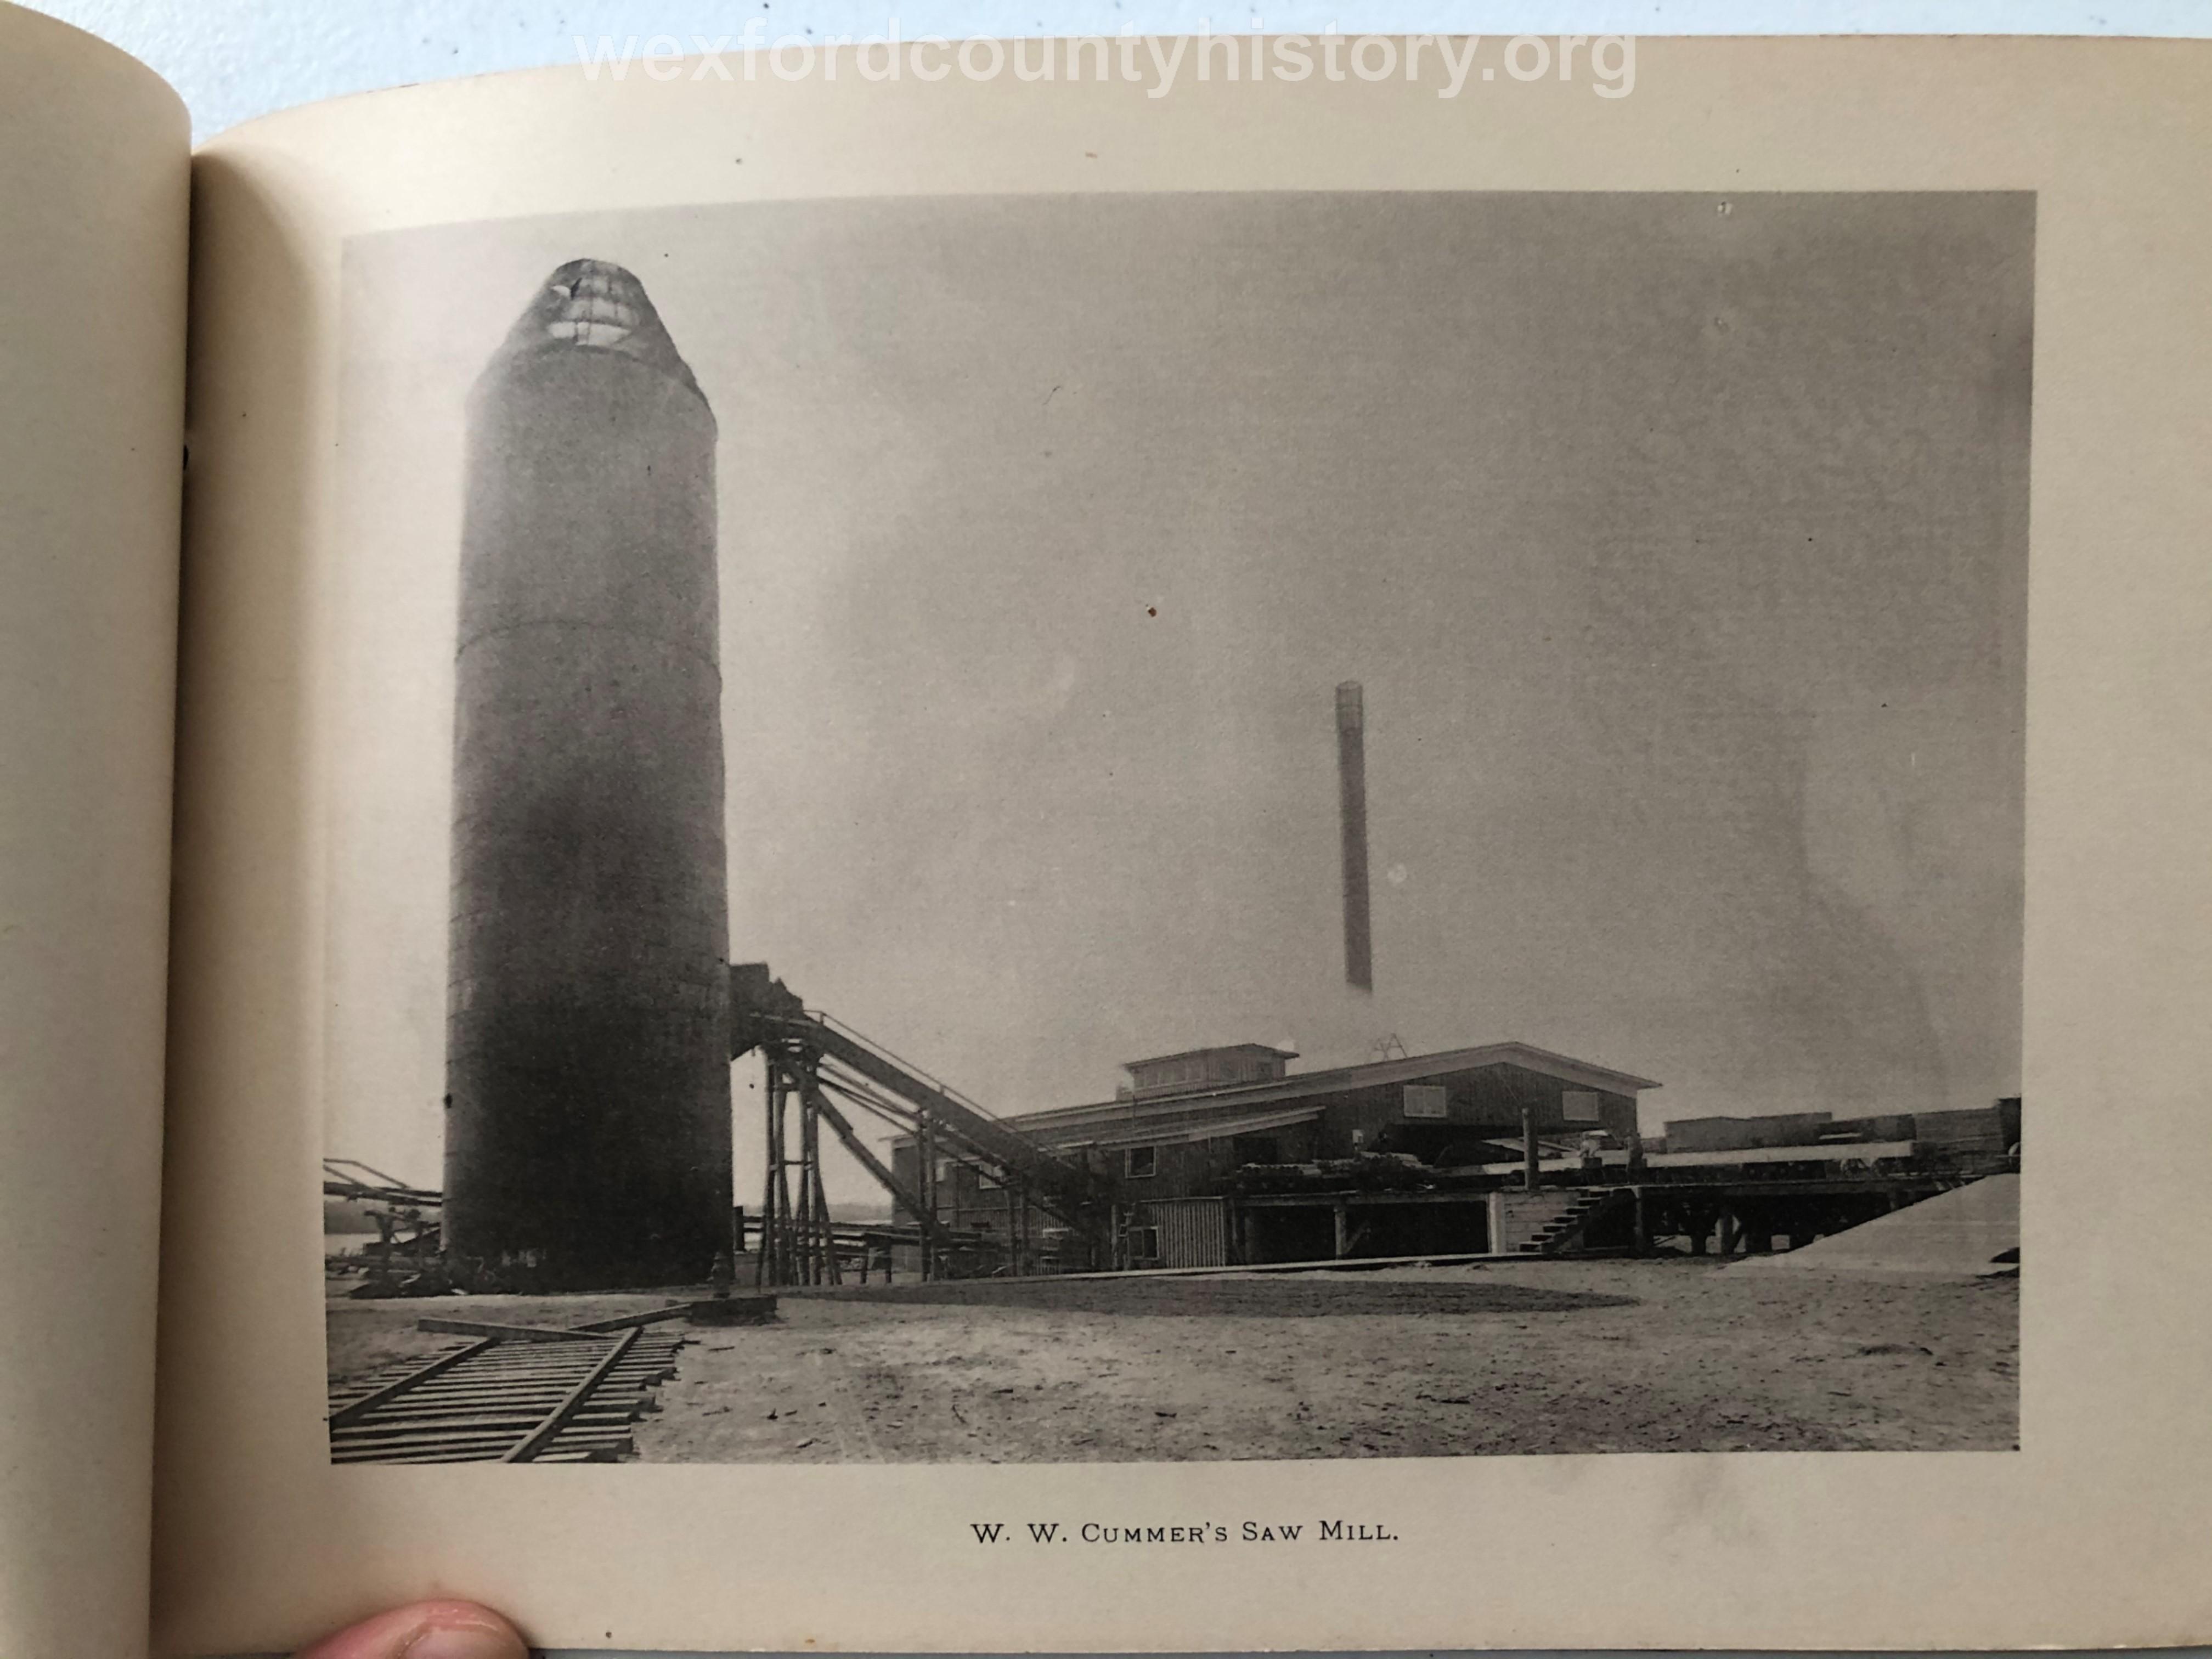 Cadillac-Lumber-W.-W.-Cummer-Saw-Mill-circa-1891